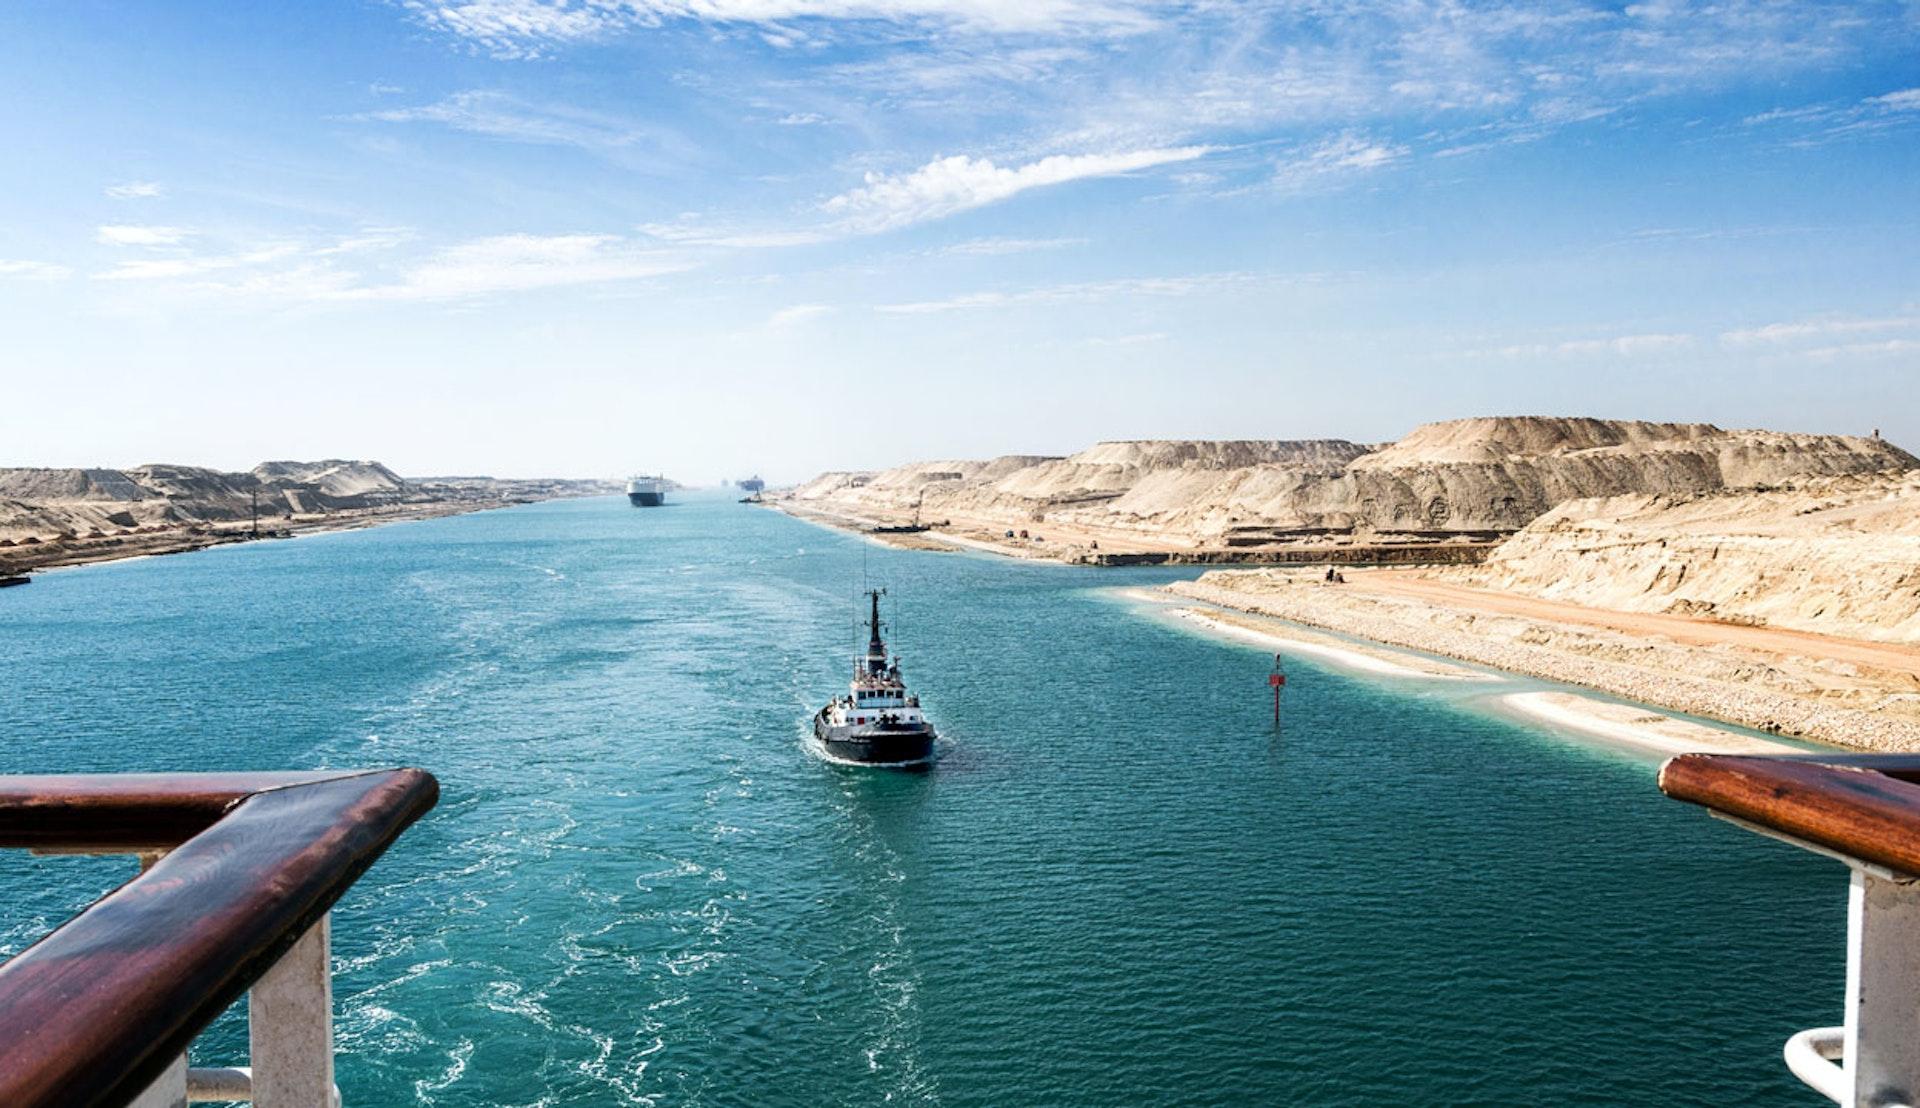 Suezkanalen, sett från ombord på ett fartyg.